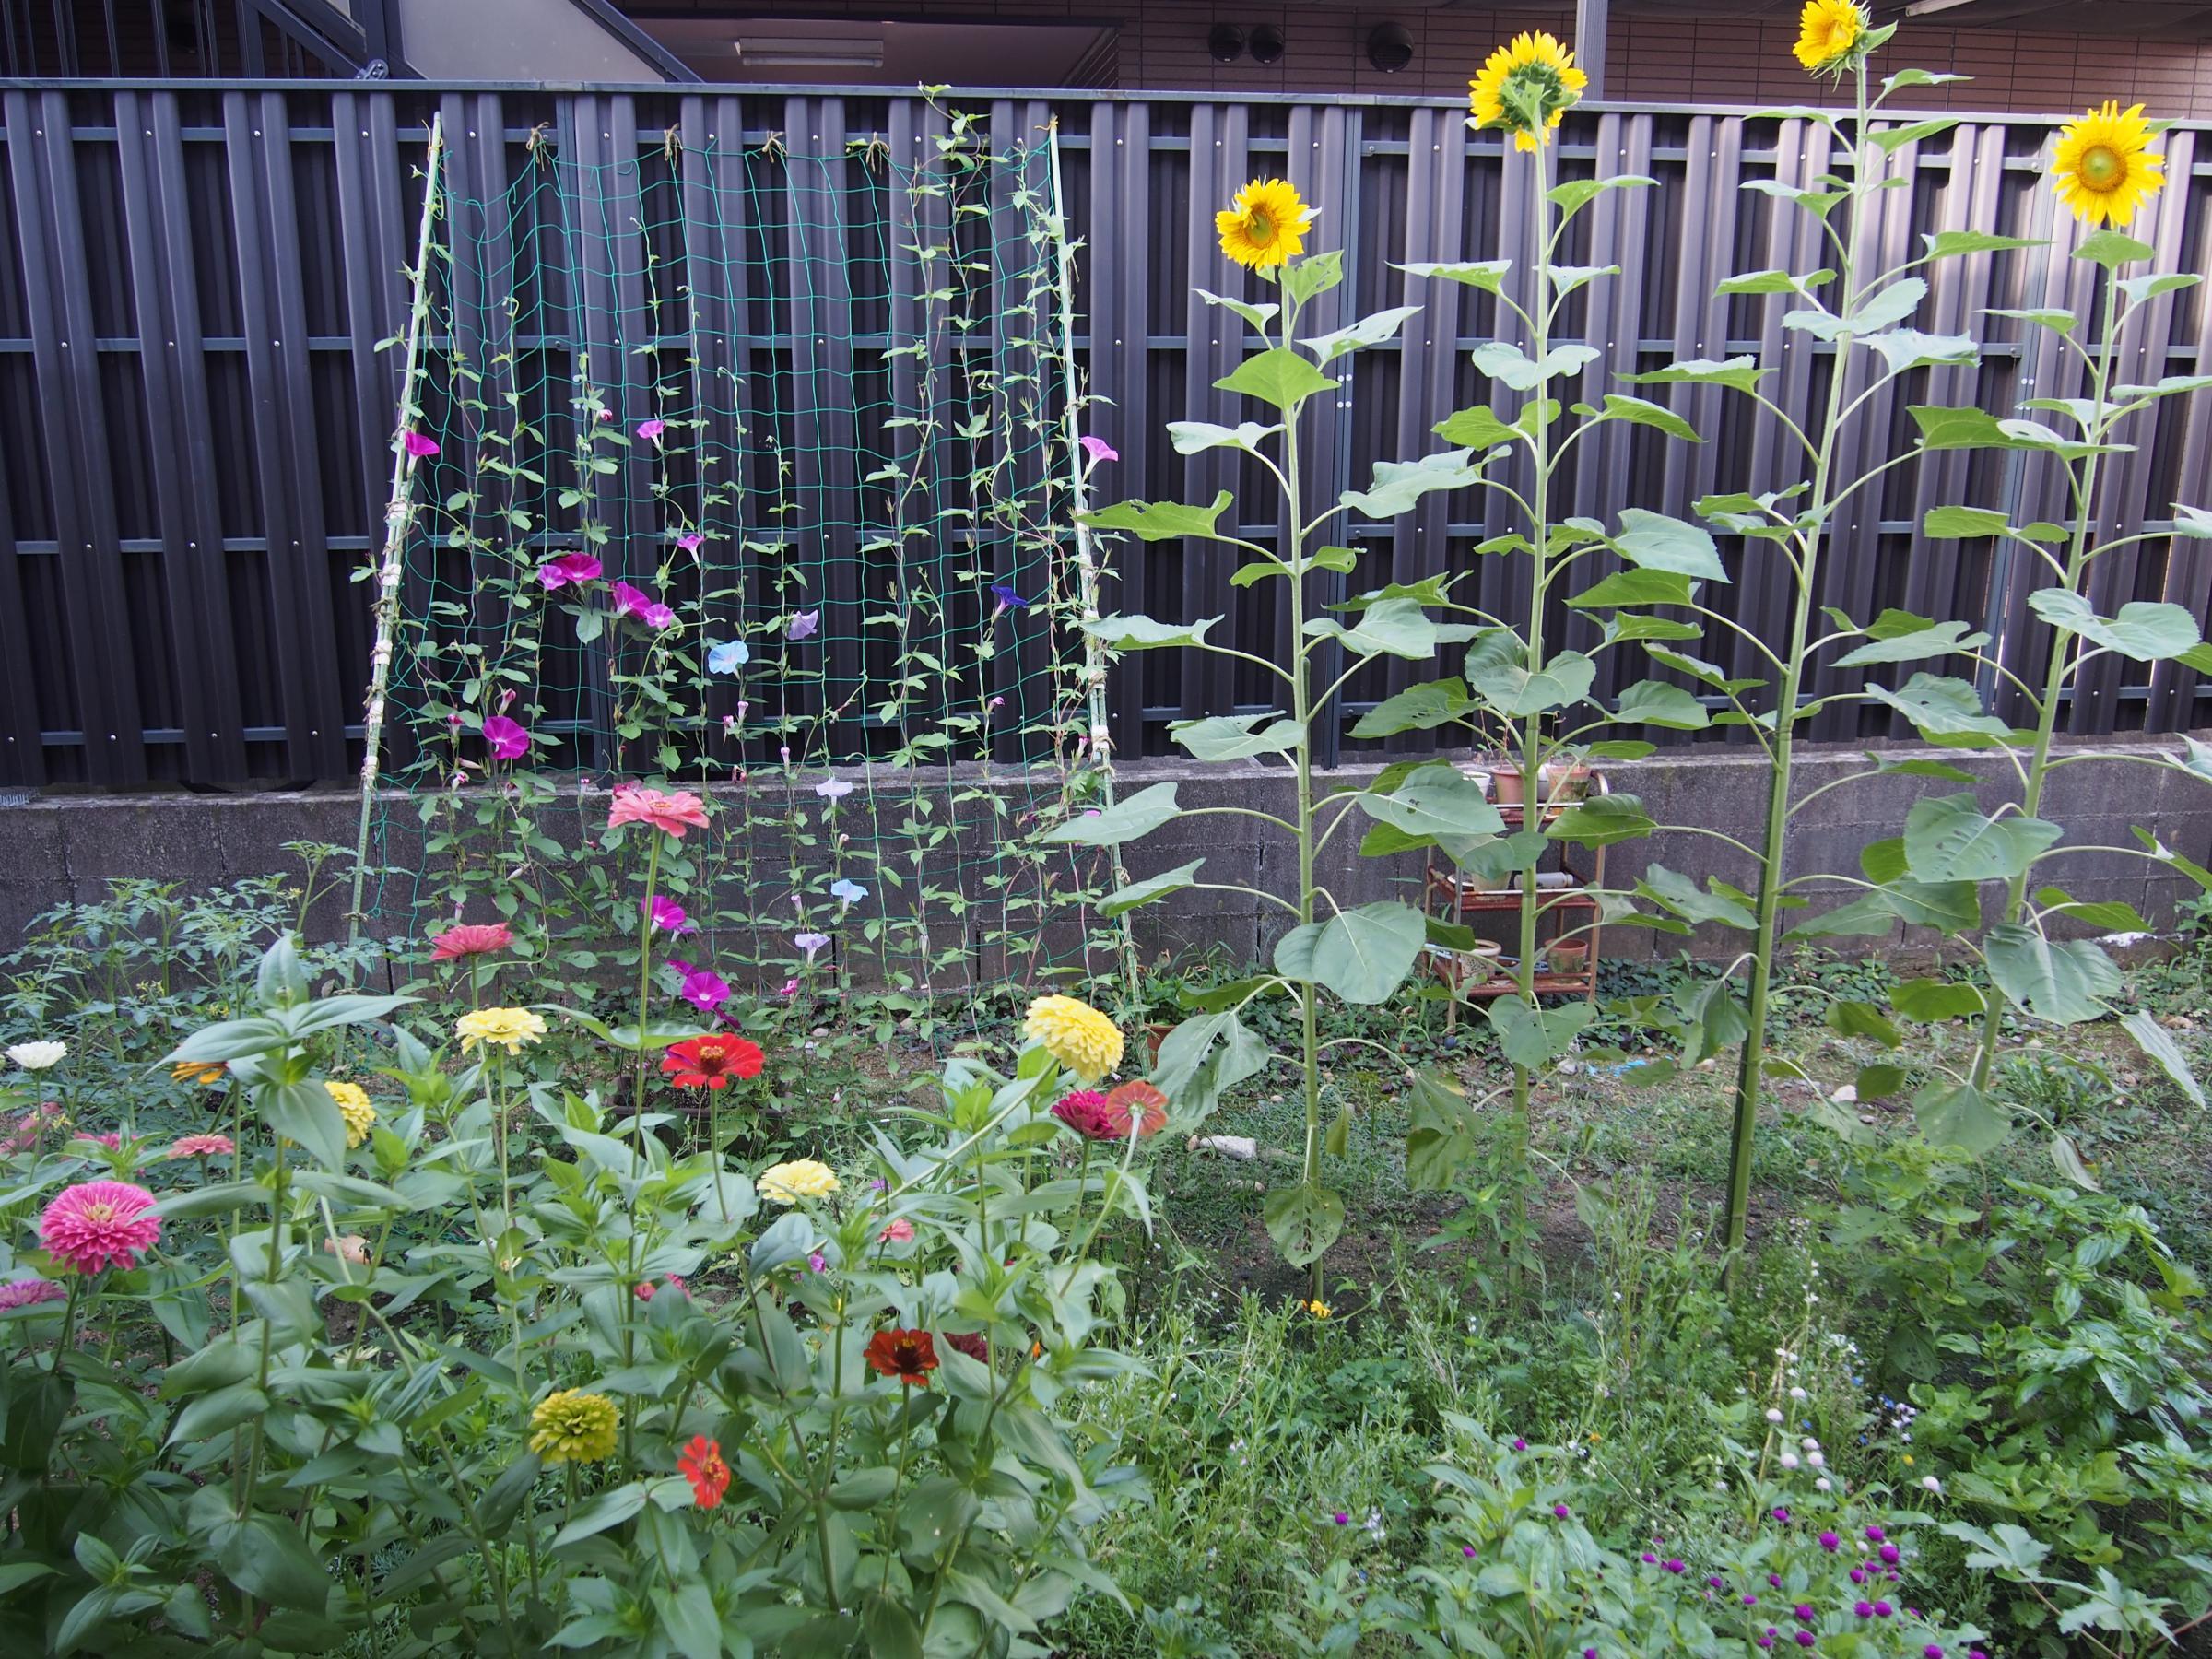 ひまわりの咲いた庭 朝